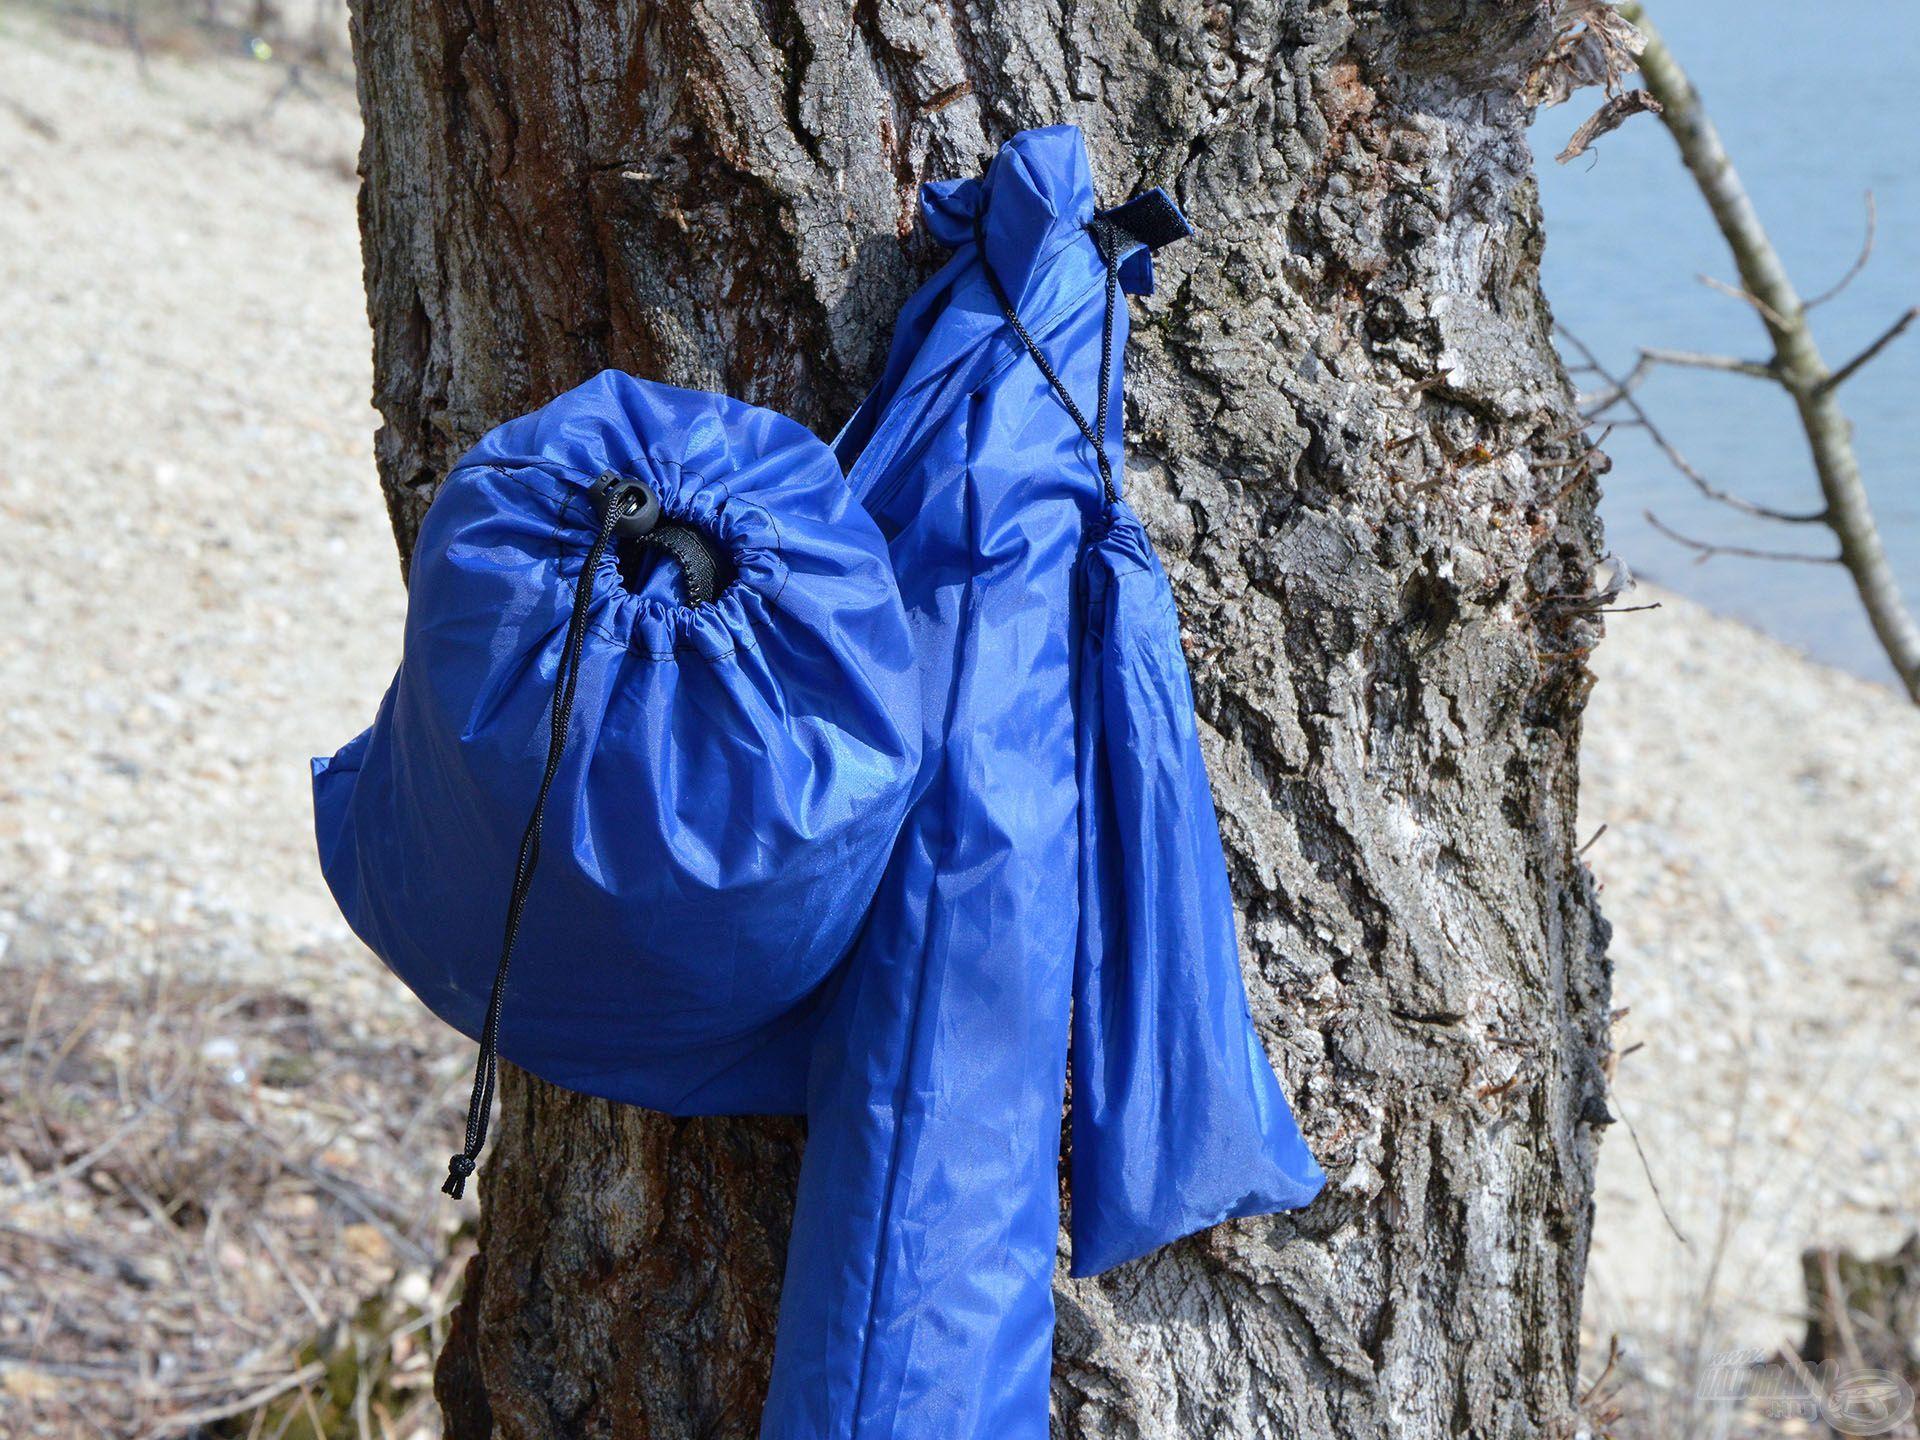 A Haldorádó Kék Sátras Horgászernyő összetett termék, amely ernyőből, leszúróból, palástból, sátorcövekekből és rögzítő kötélből áll. Ezek mindegyike kék táskákban kapott helyet